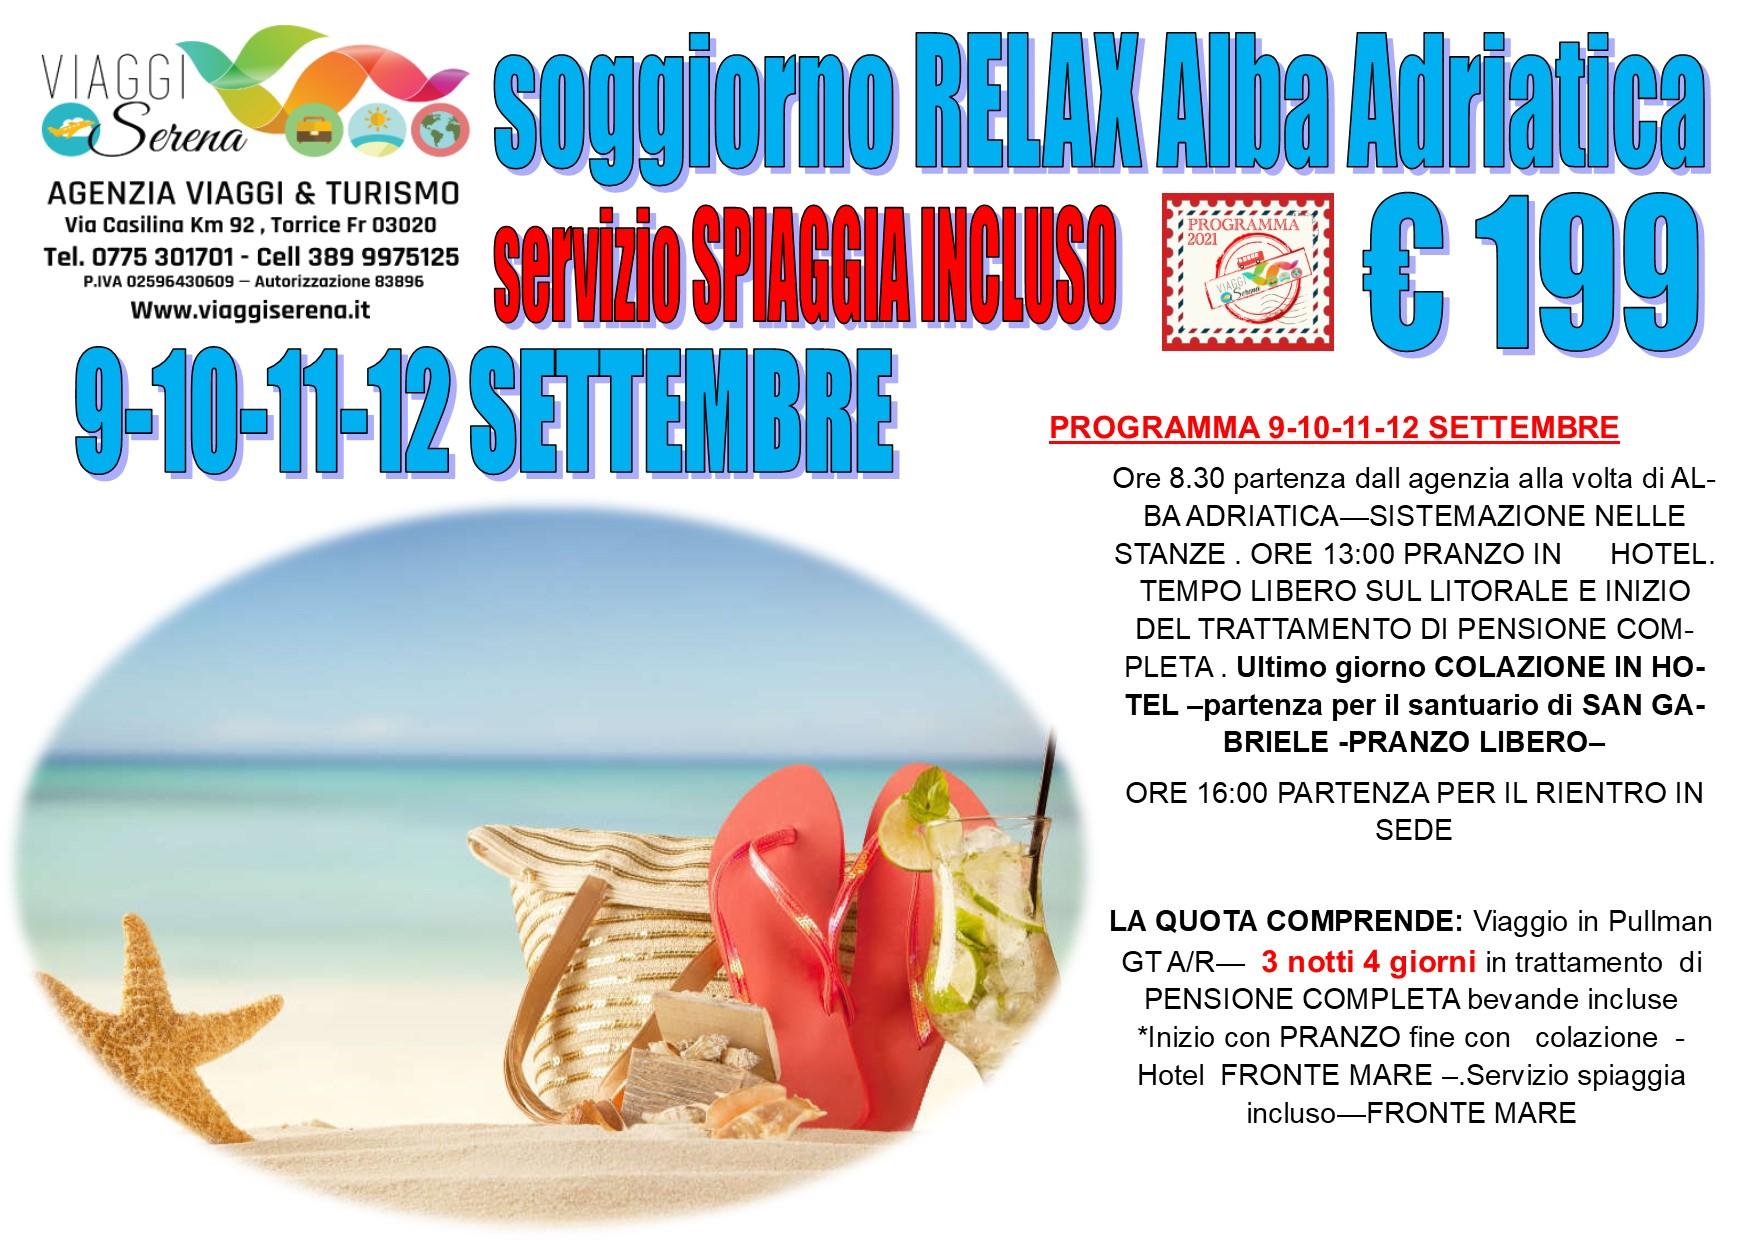 Viaggi di Gruppo: soggiorno mare  ALBA ADRIATICA  9-10-11-12 Settembre € 199,00